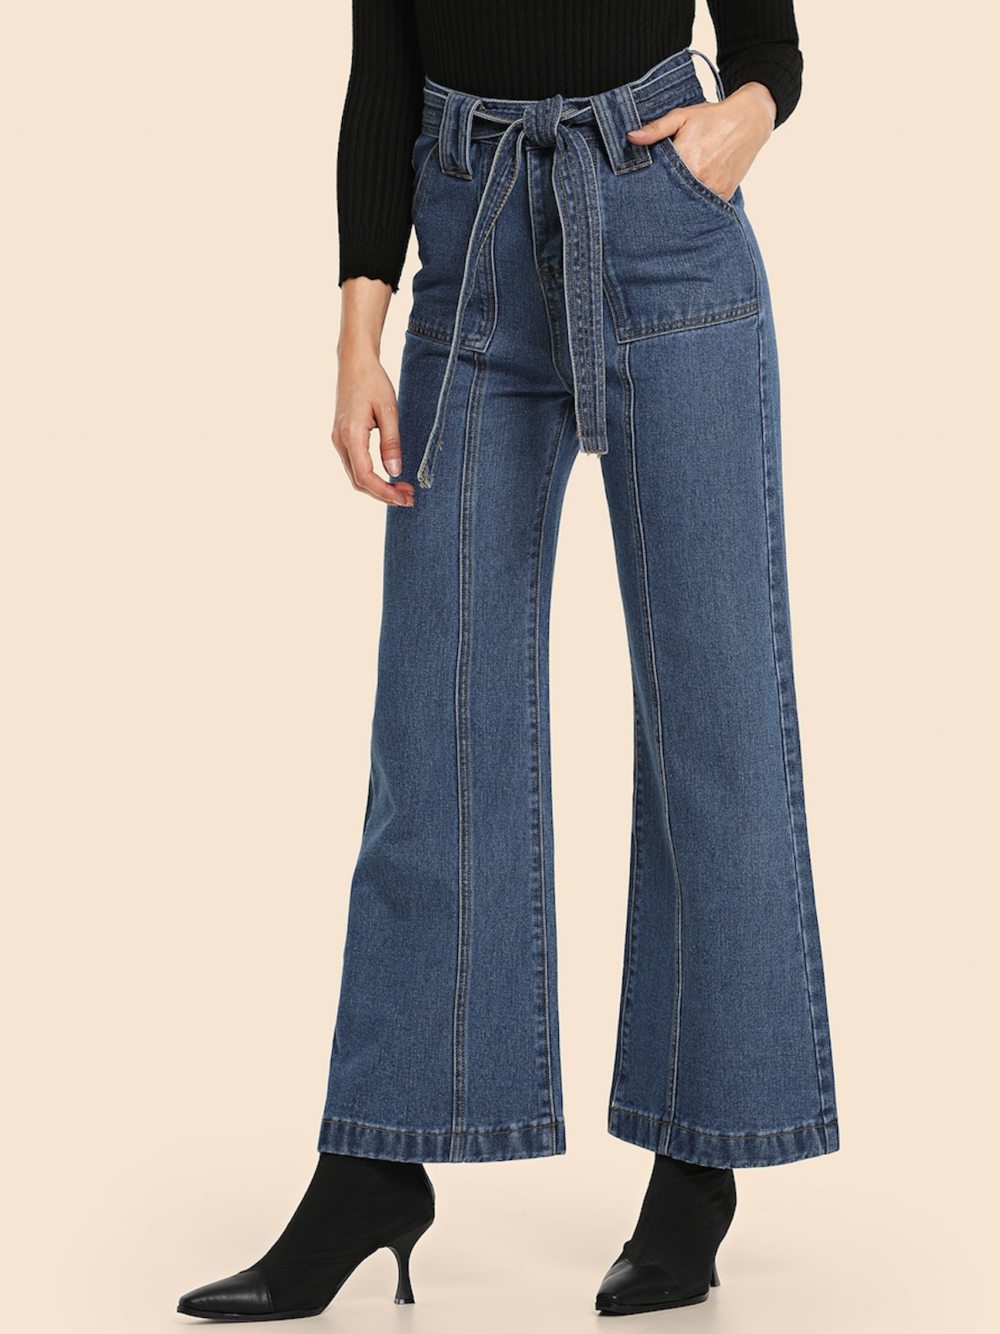 ג׳ינס פלייר מתרחב גיזרה גבוהה עם חגורה נקשרת